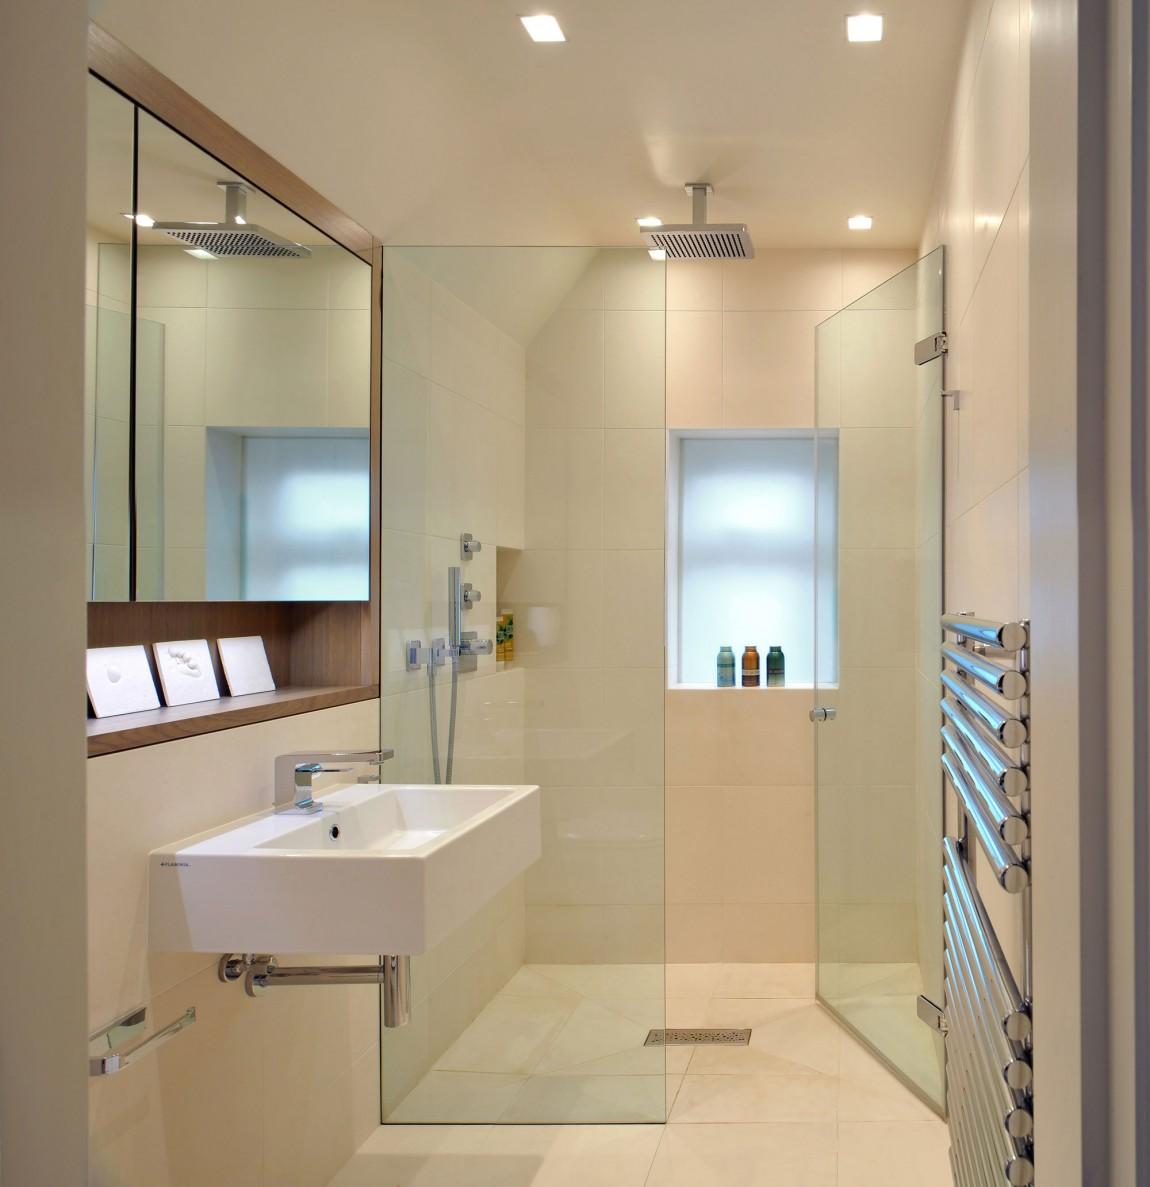 Интерьер маленькой ванной комнаты - фото 24